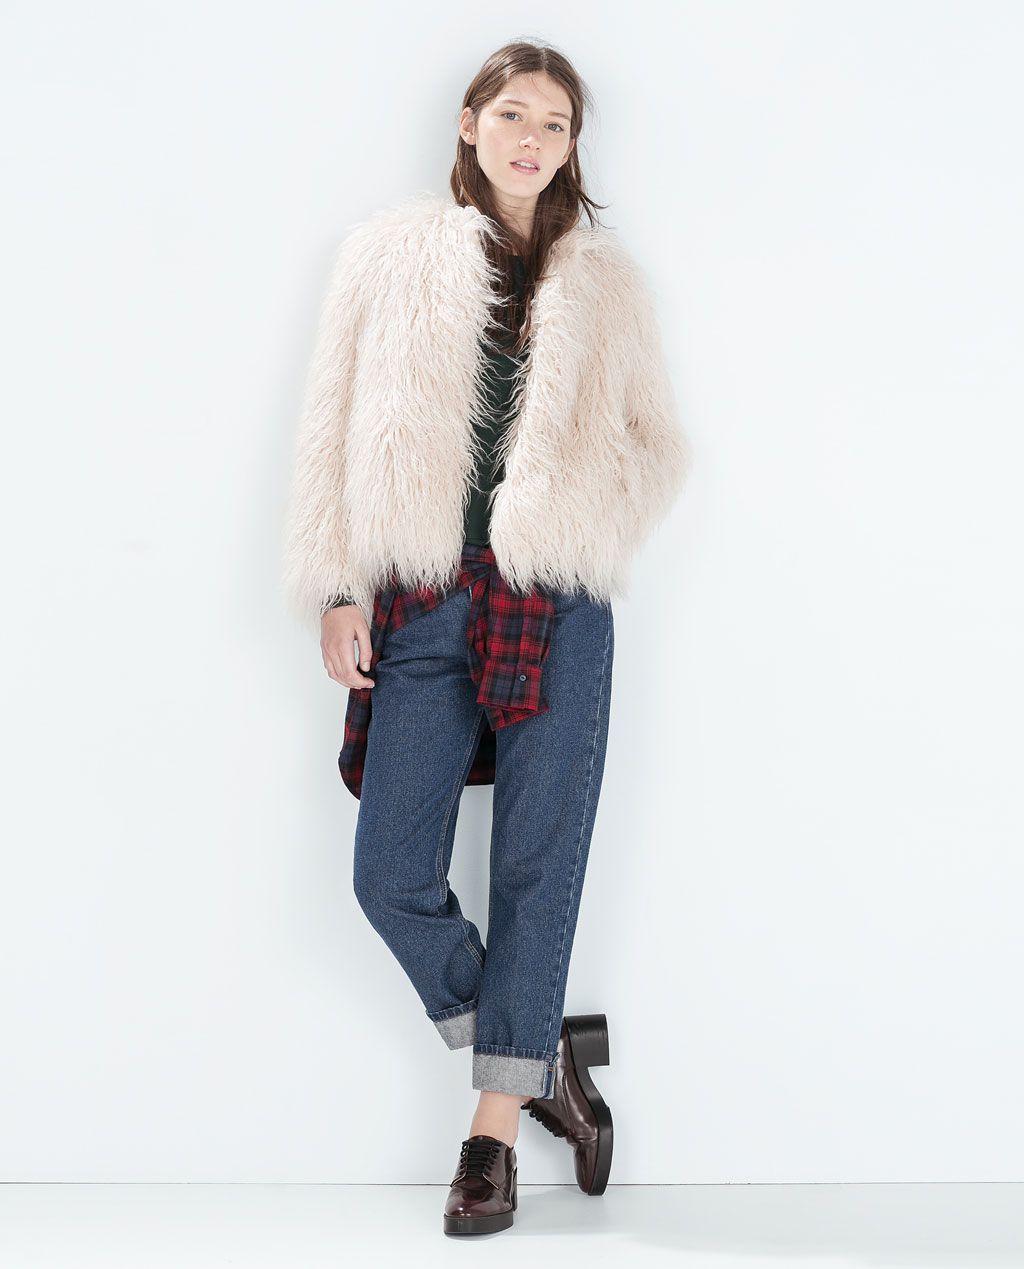 Catálogo de rebajas de Zara - Abrigos y chaquetas